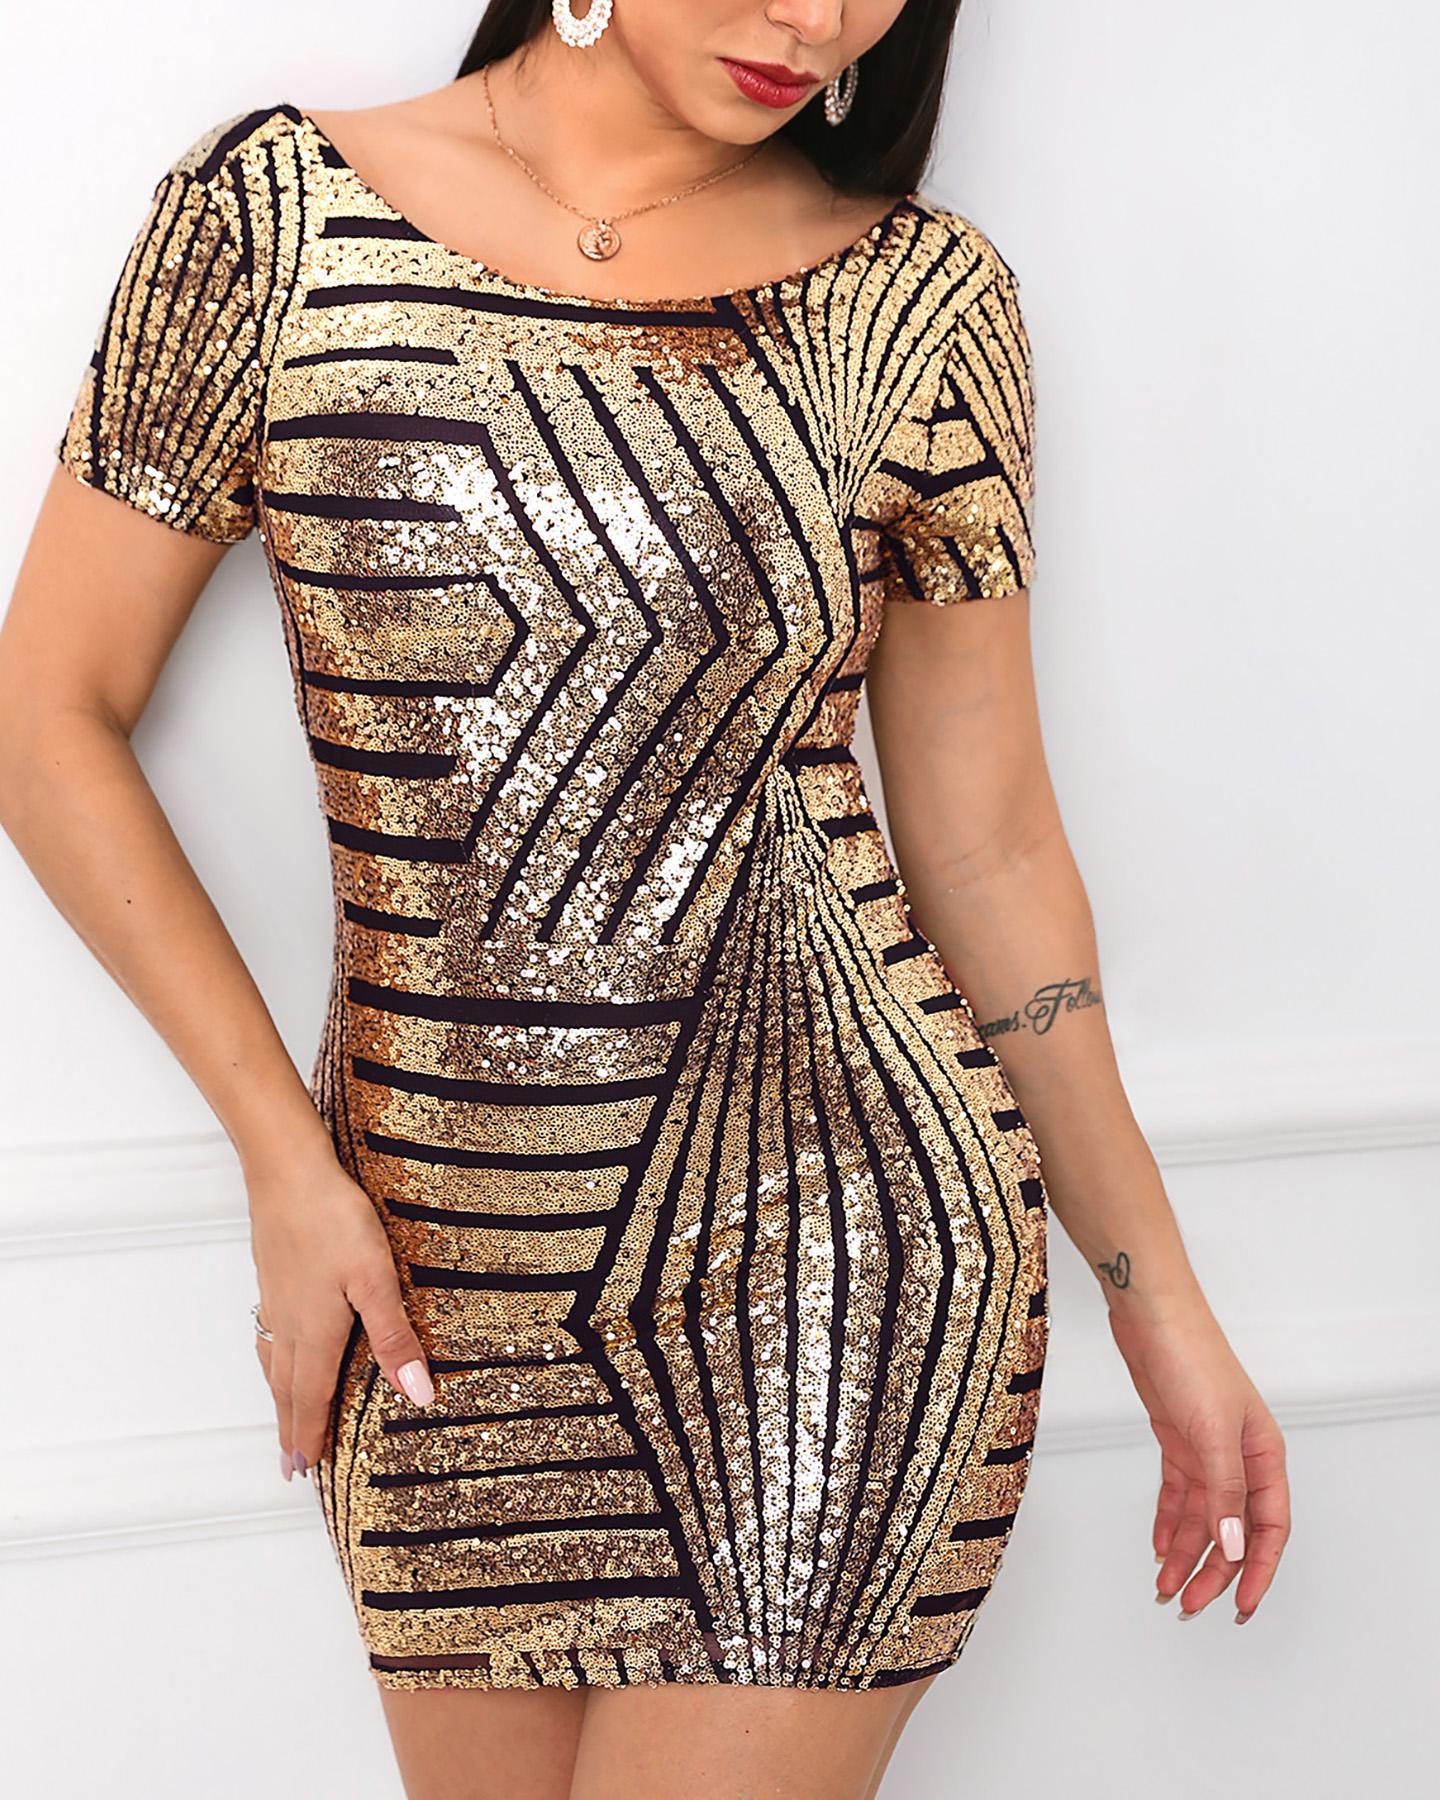 boutiquefeel / Vestido de lantejoulas sem encosto de manga curta com brilho